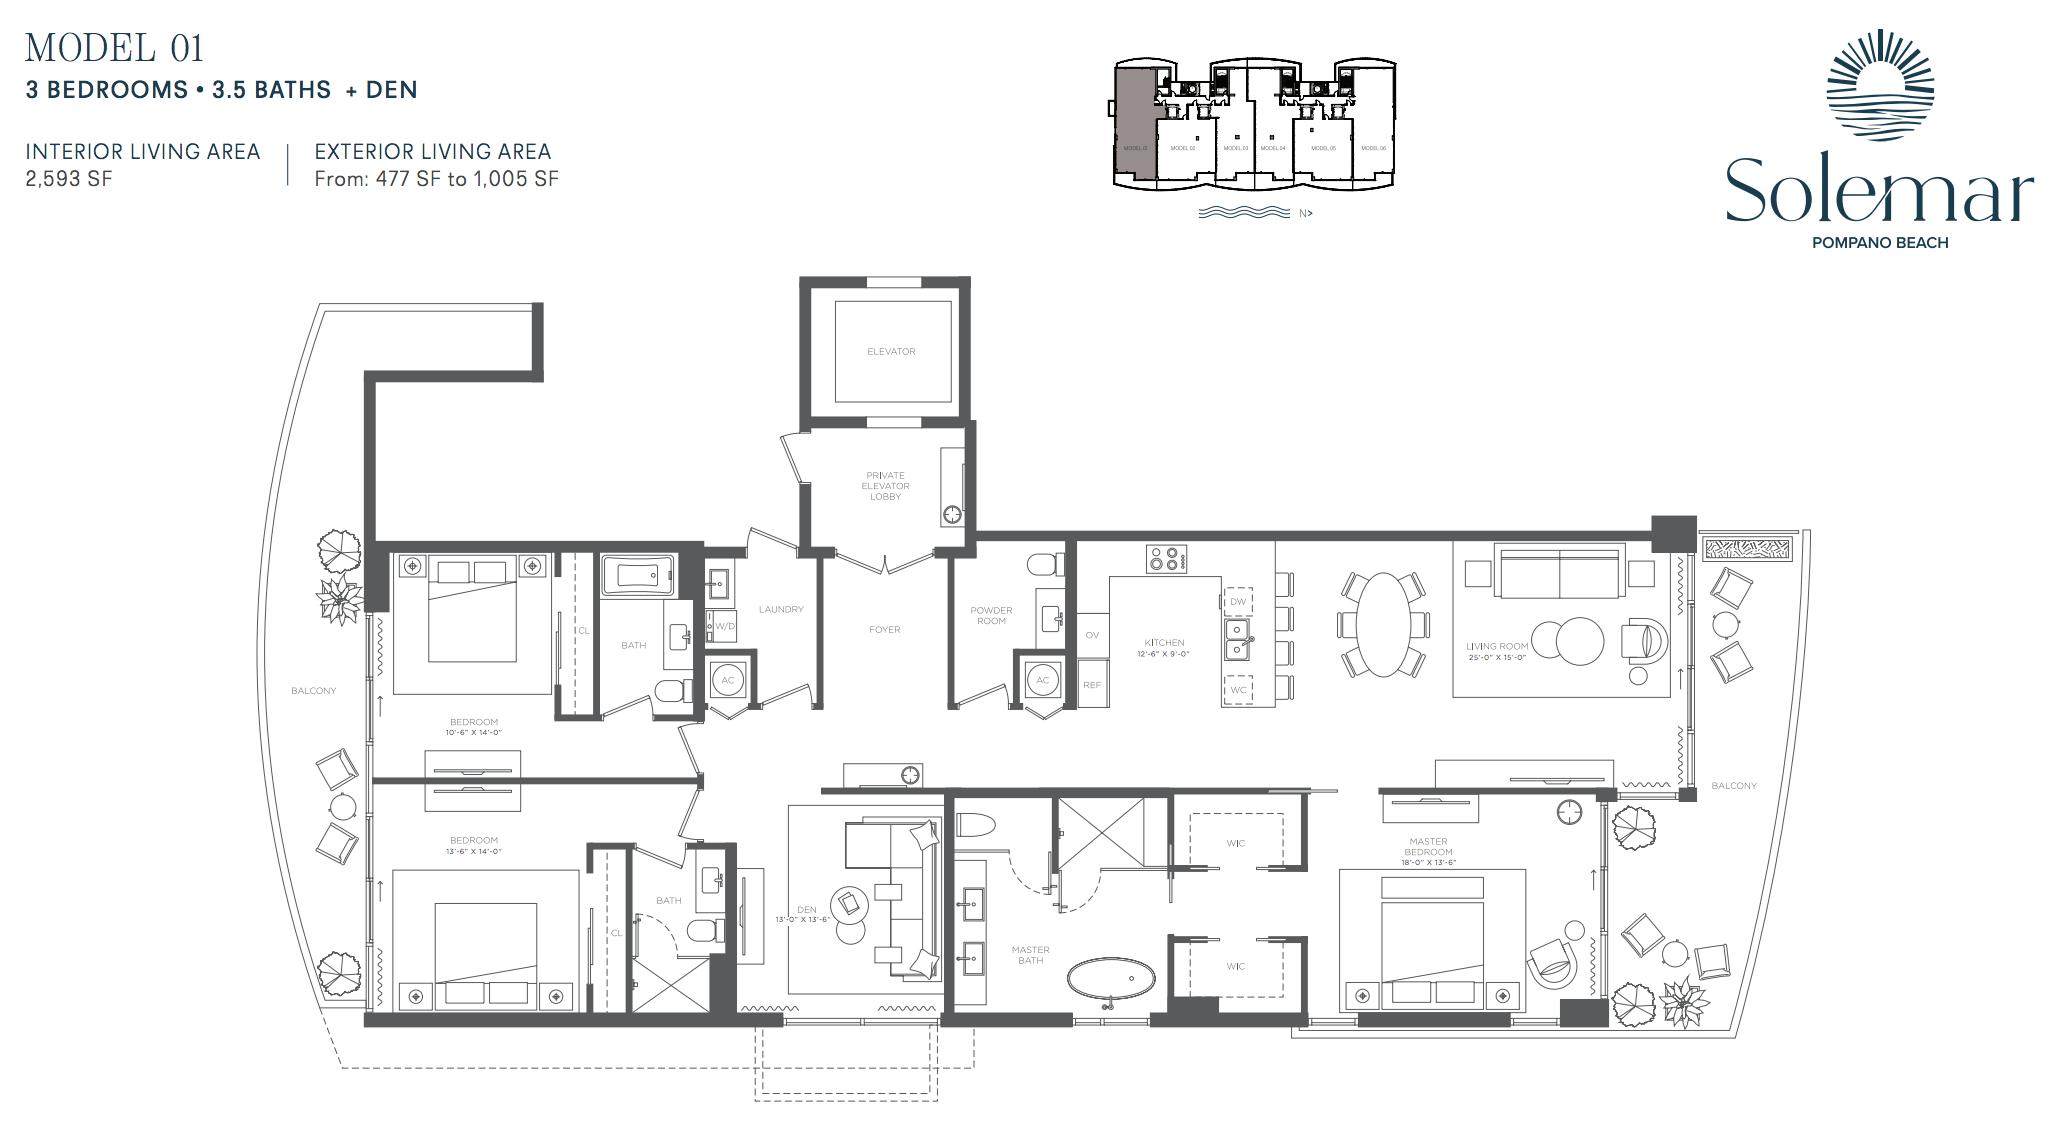 Solemar | Floor Plan 01 | 3 Be + Den | 3,5 Ba